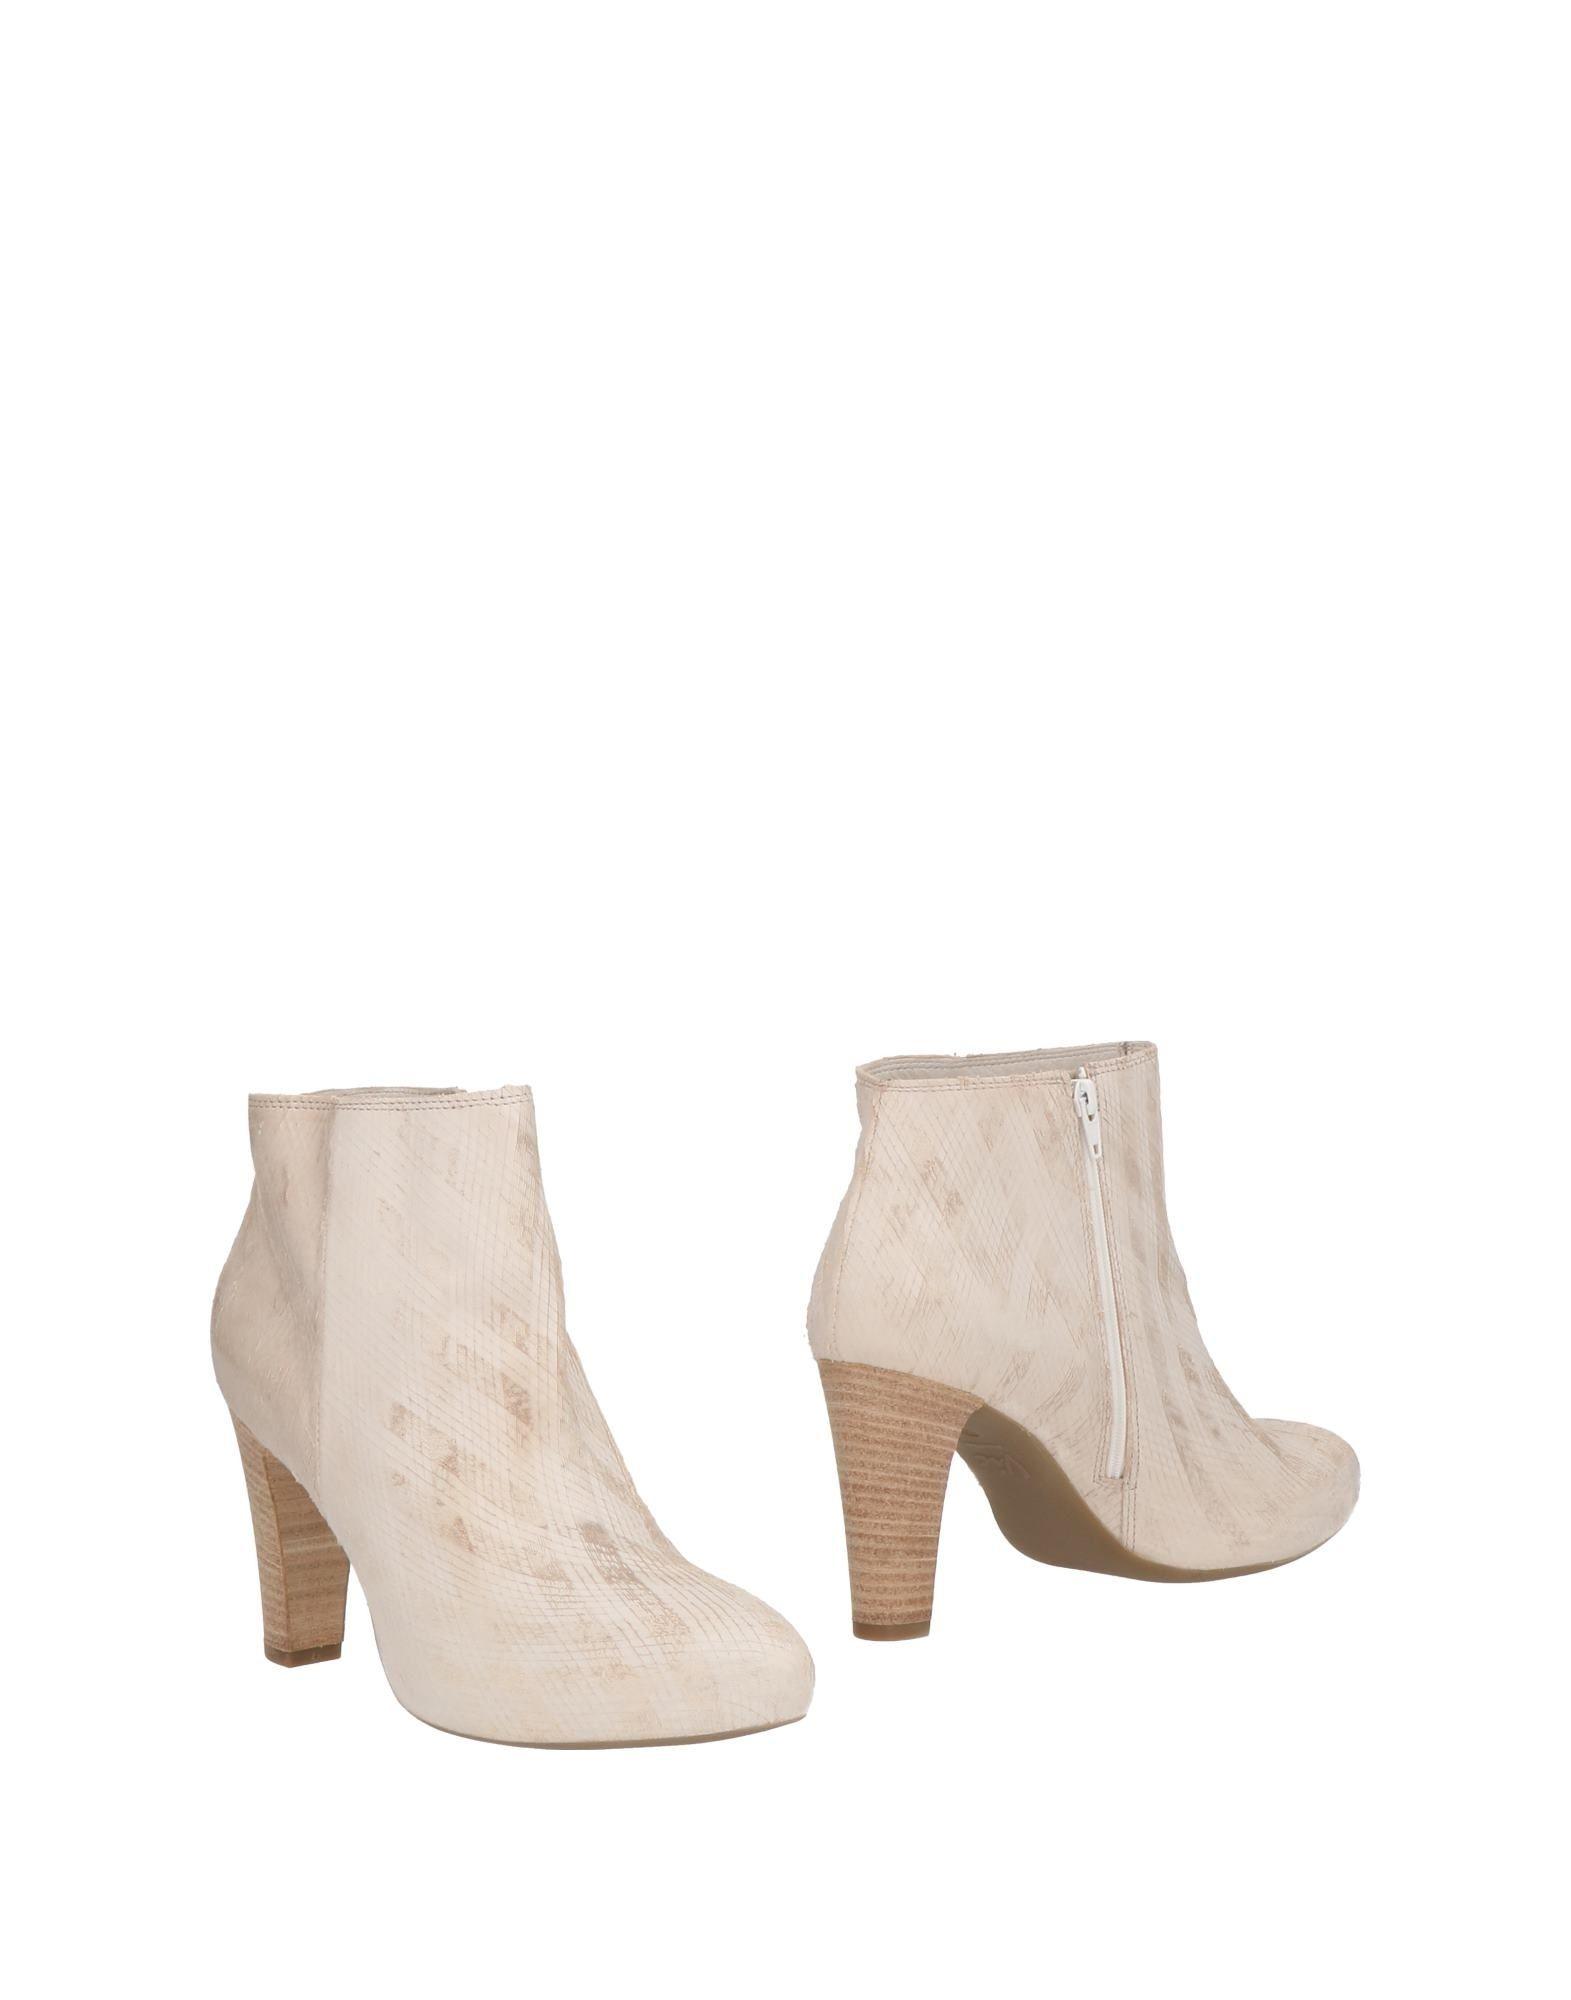 Stilvolle Damen billige Schuhe Vic Stiefelette Damen Stilvolle  11204350HI 65a0f4